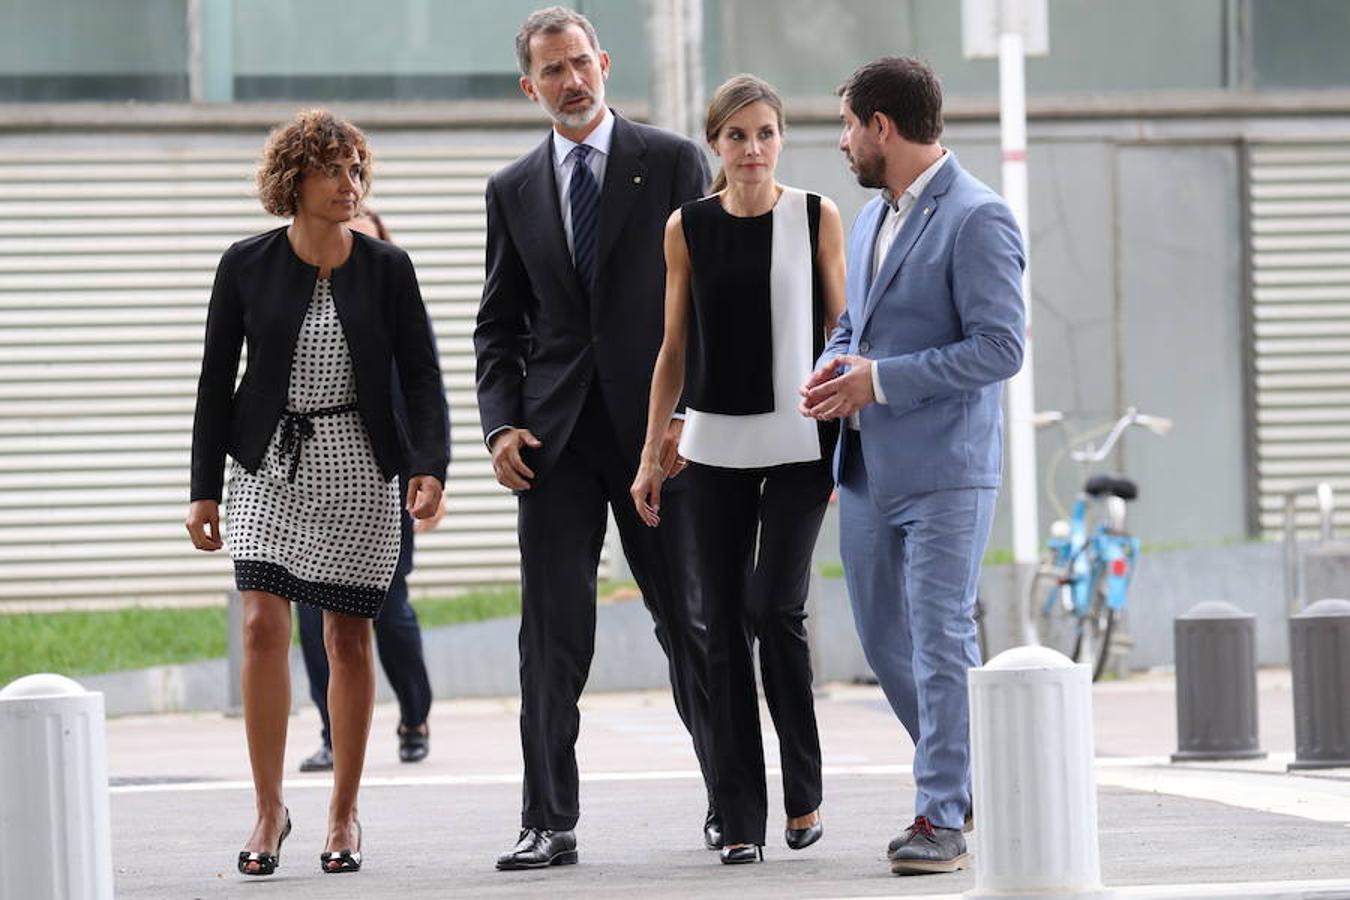 Los Reyes a su llegada al Hospital del Mar de Barcelona donde visitaron a los heridos ingresados en ese centro tras el atentado terrorista en Barcelona